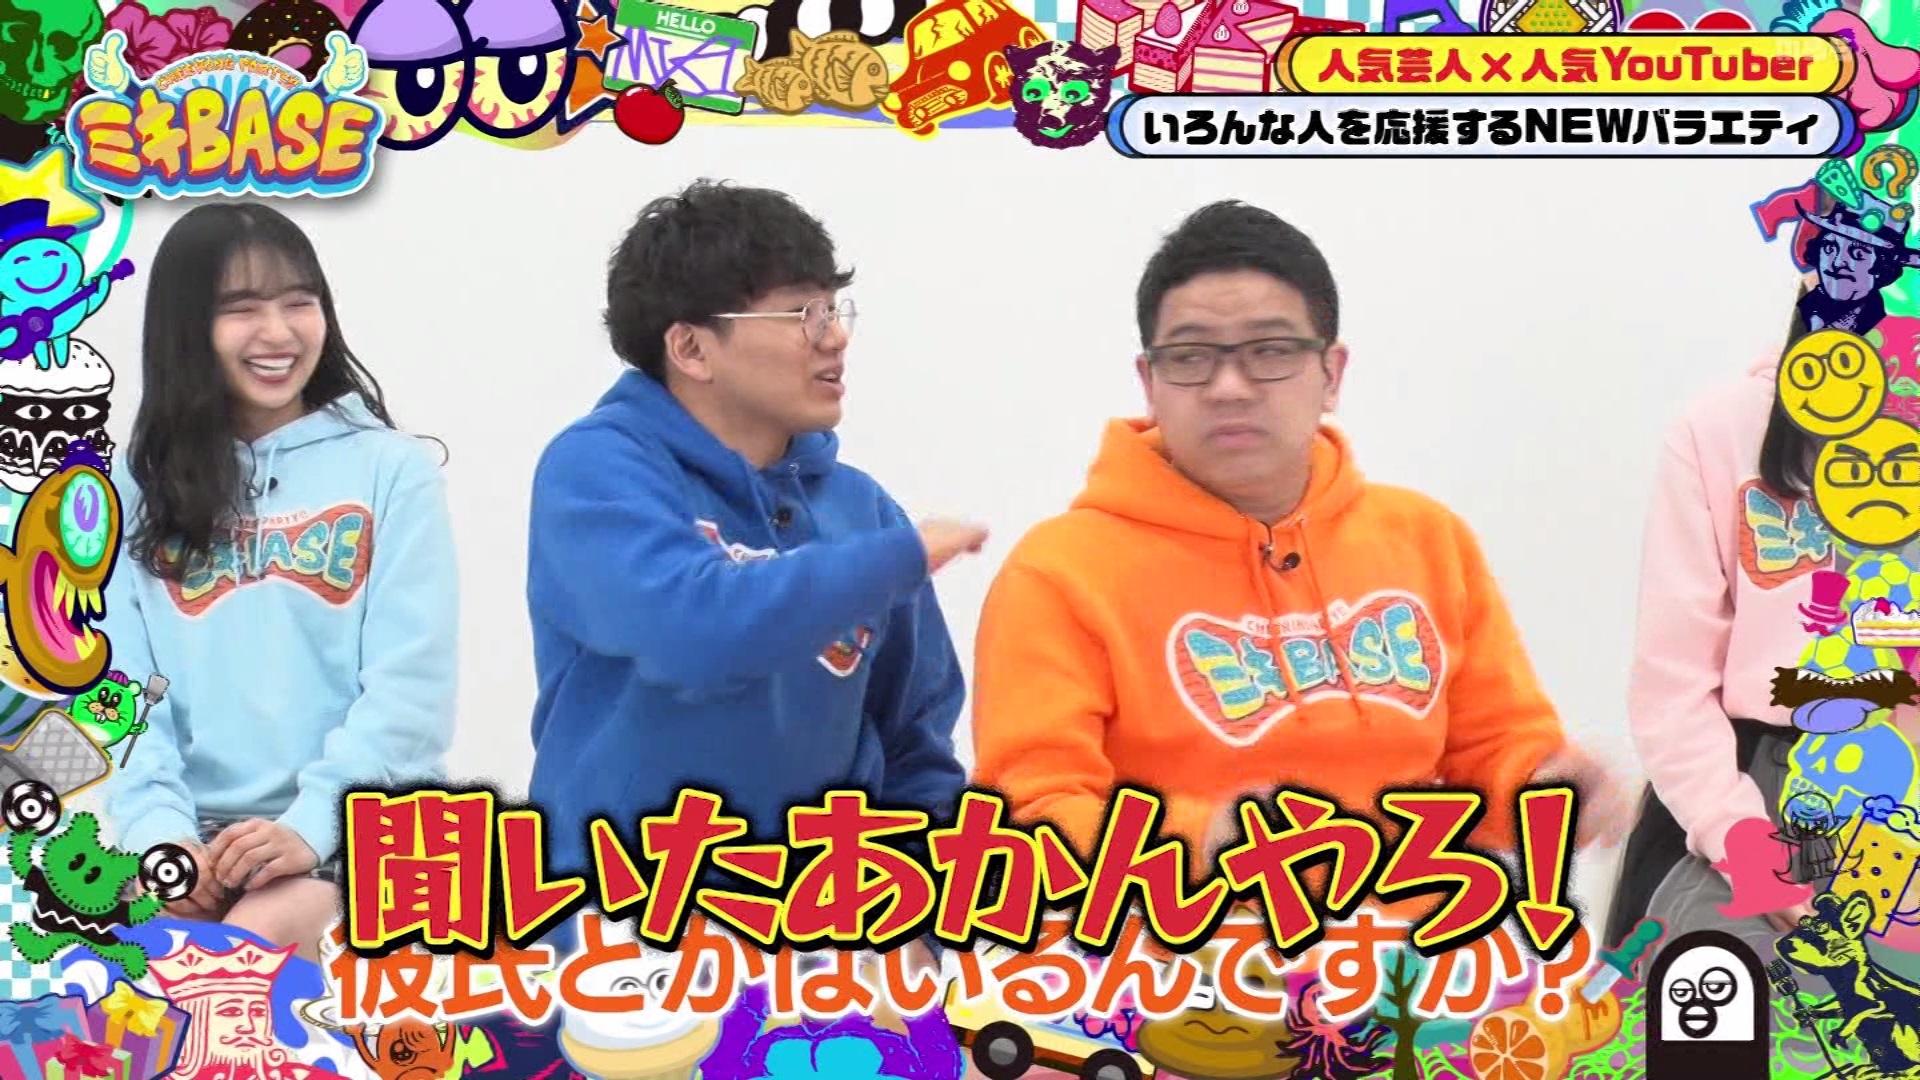 【村瀬紗英】さえぴぃ出演 4月15日放送「ミキBASE」#3の画像